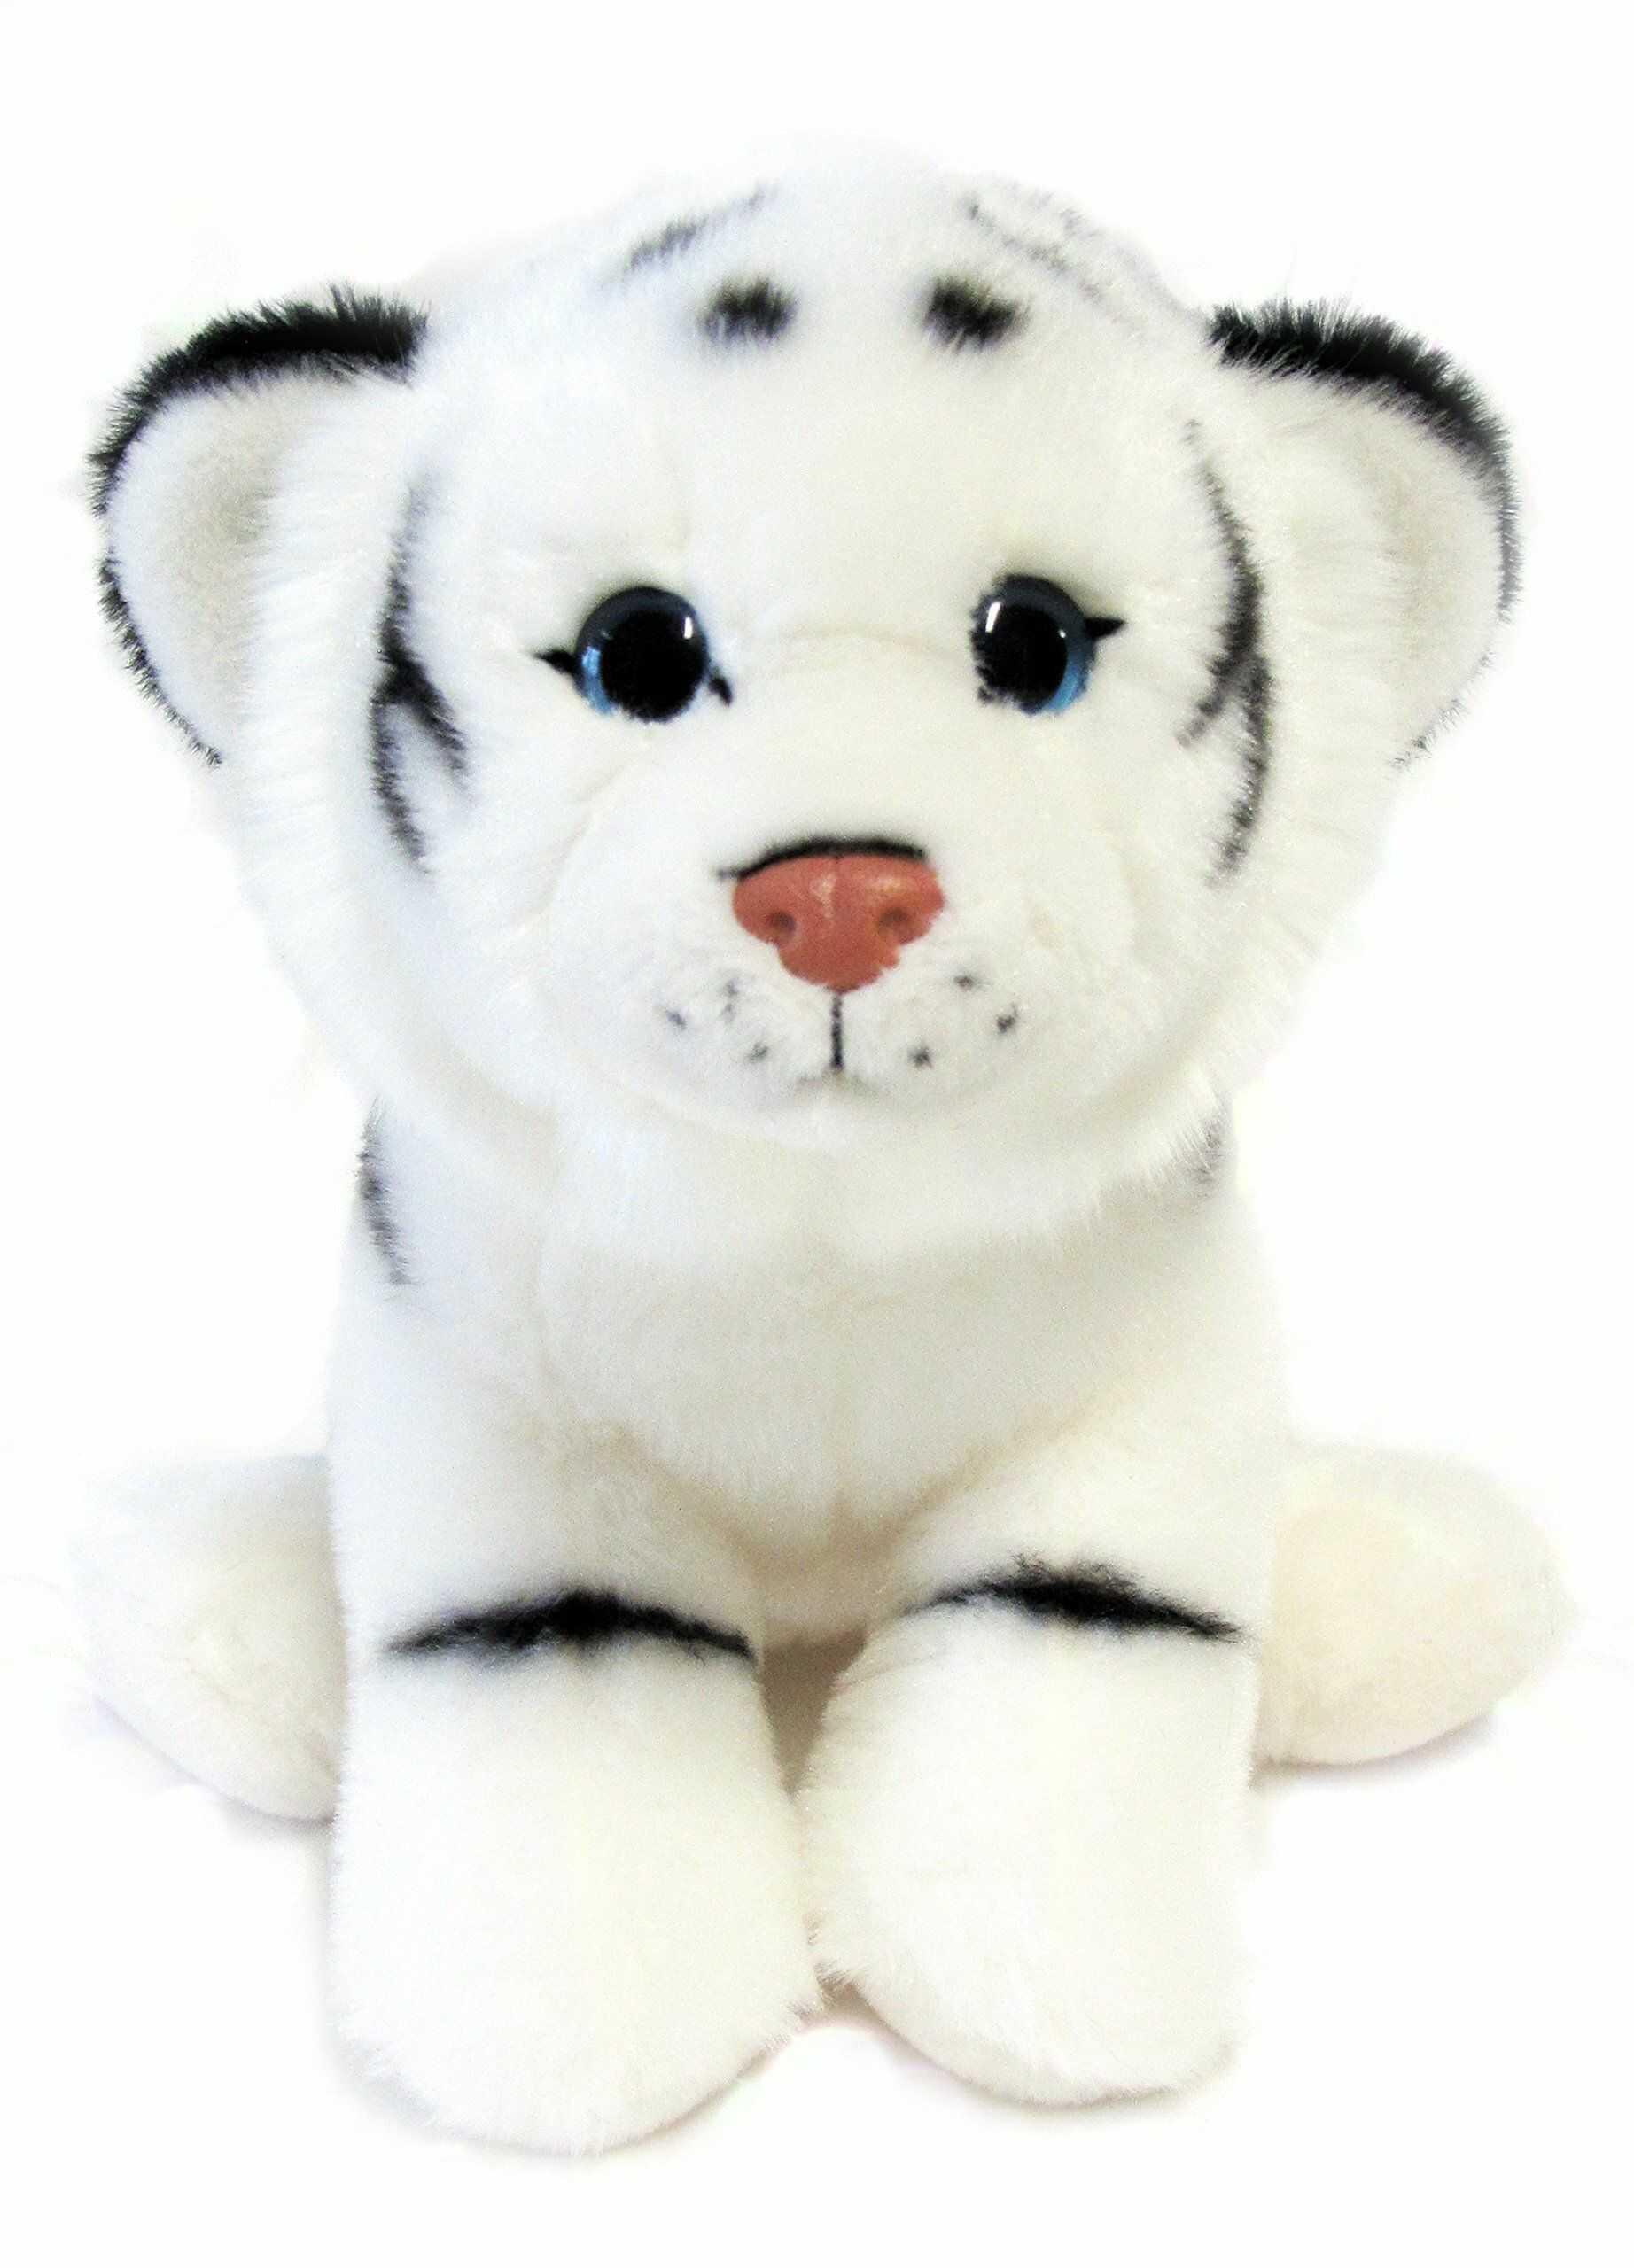 """Bauer Spielwaren """"Przyciągający wzrok"""" tygrys siedzący pluszowe zwierzątko: wierdzące w naturze, bardzo miękkie, idealne również jako prezent, 25 cm, białe (10247)"""